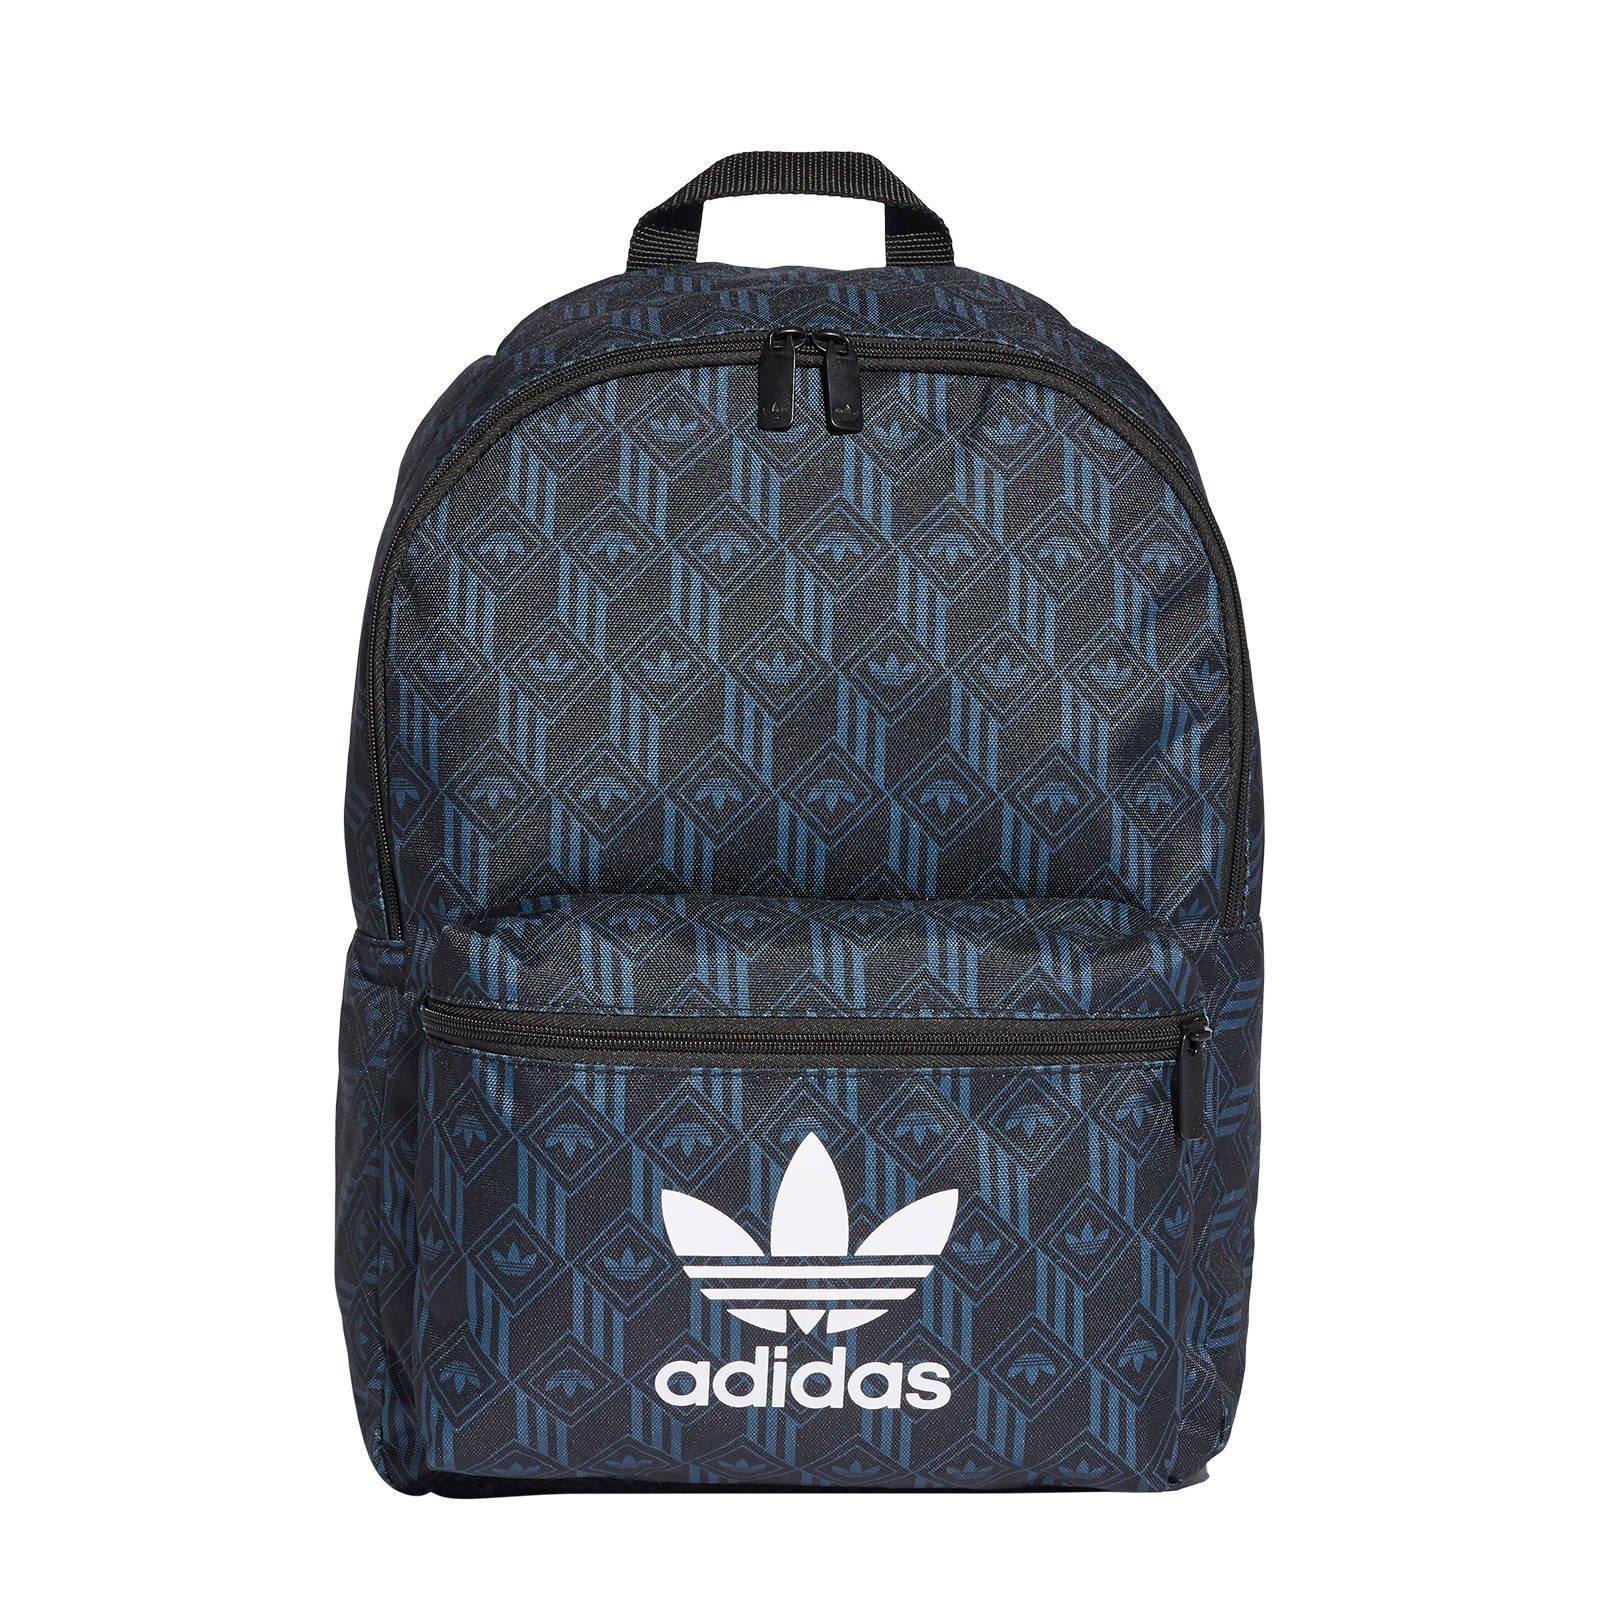 adidas dames reisbagage bij wehkamp Gratis bezorging vanaf